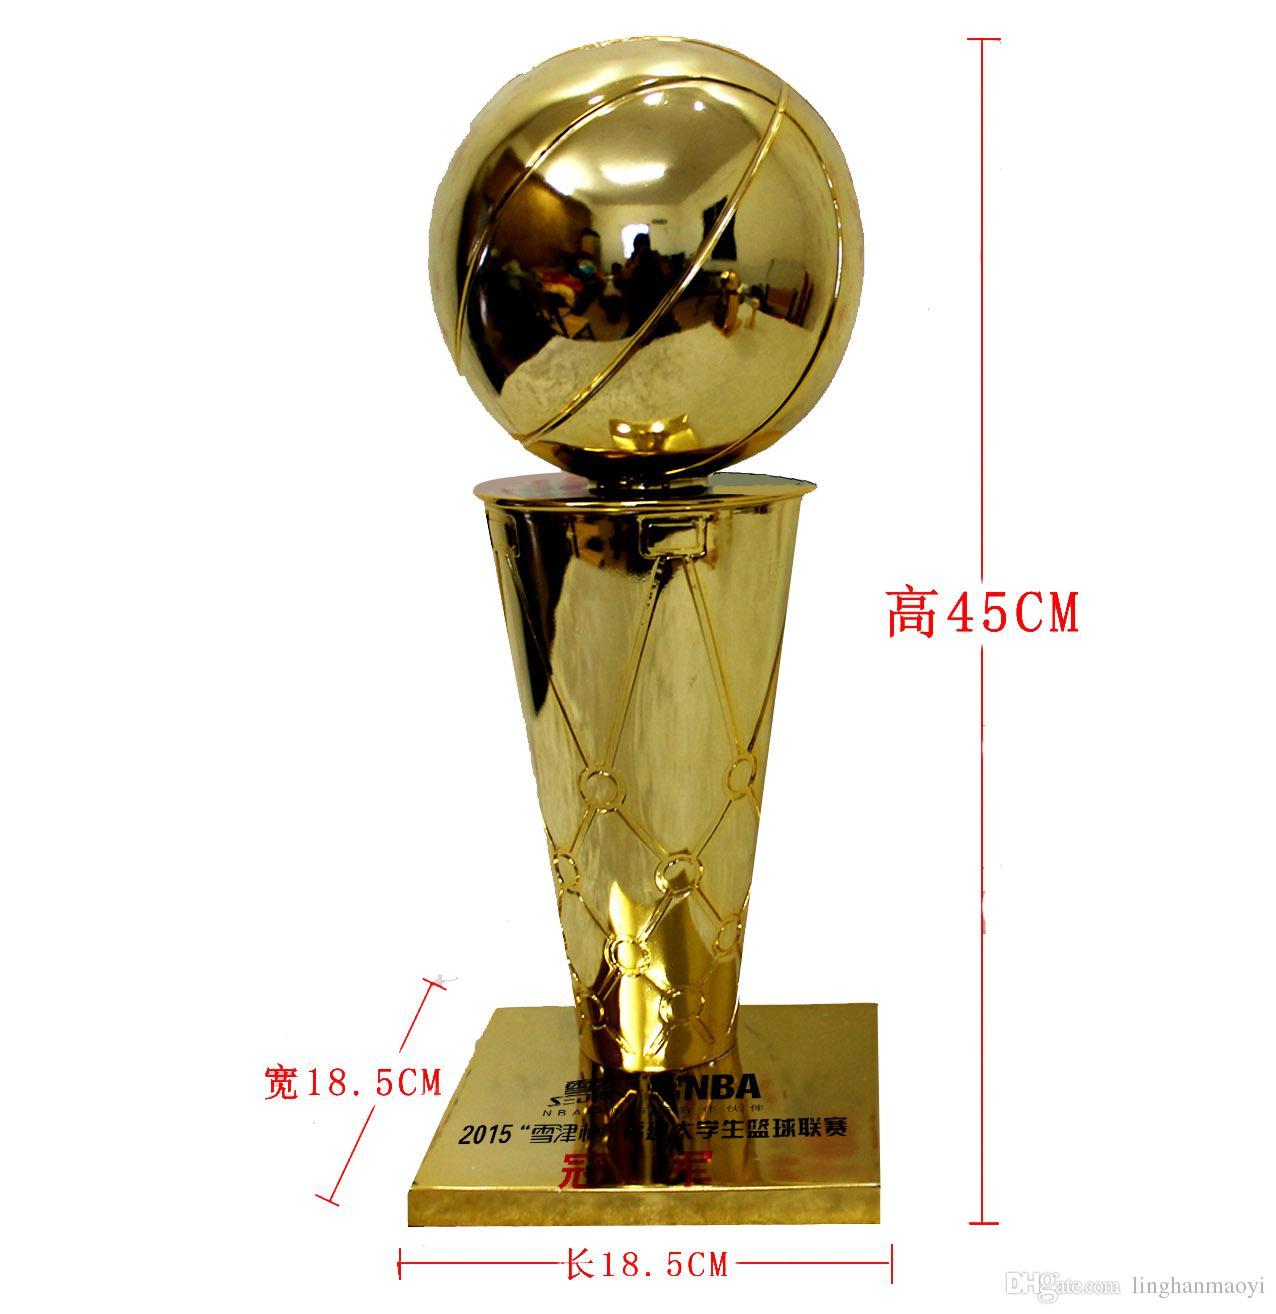 45 CM Yükseklik Larry O'Brien Trophy Kupası Şampiyonu Trophy Basketbol Ödülü Basketbol Turnuvası Basketbol Maçı Ödülü